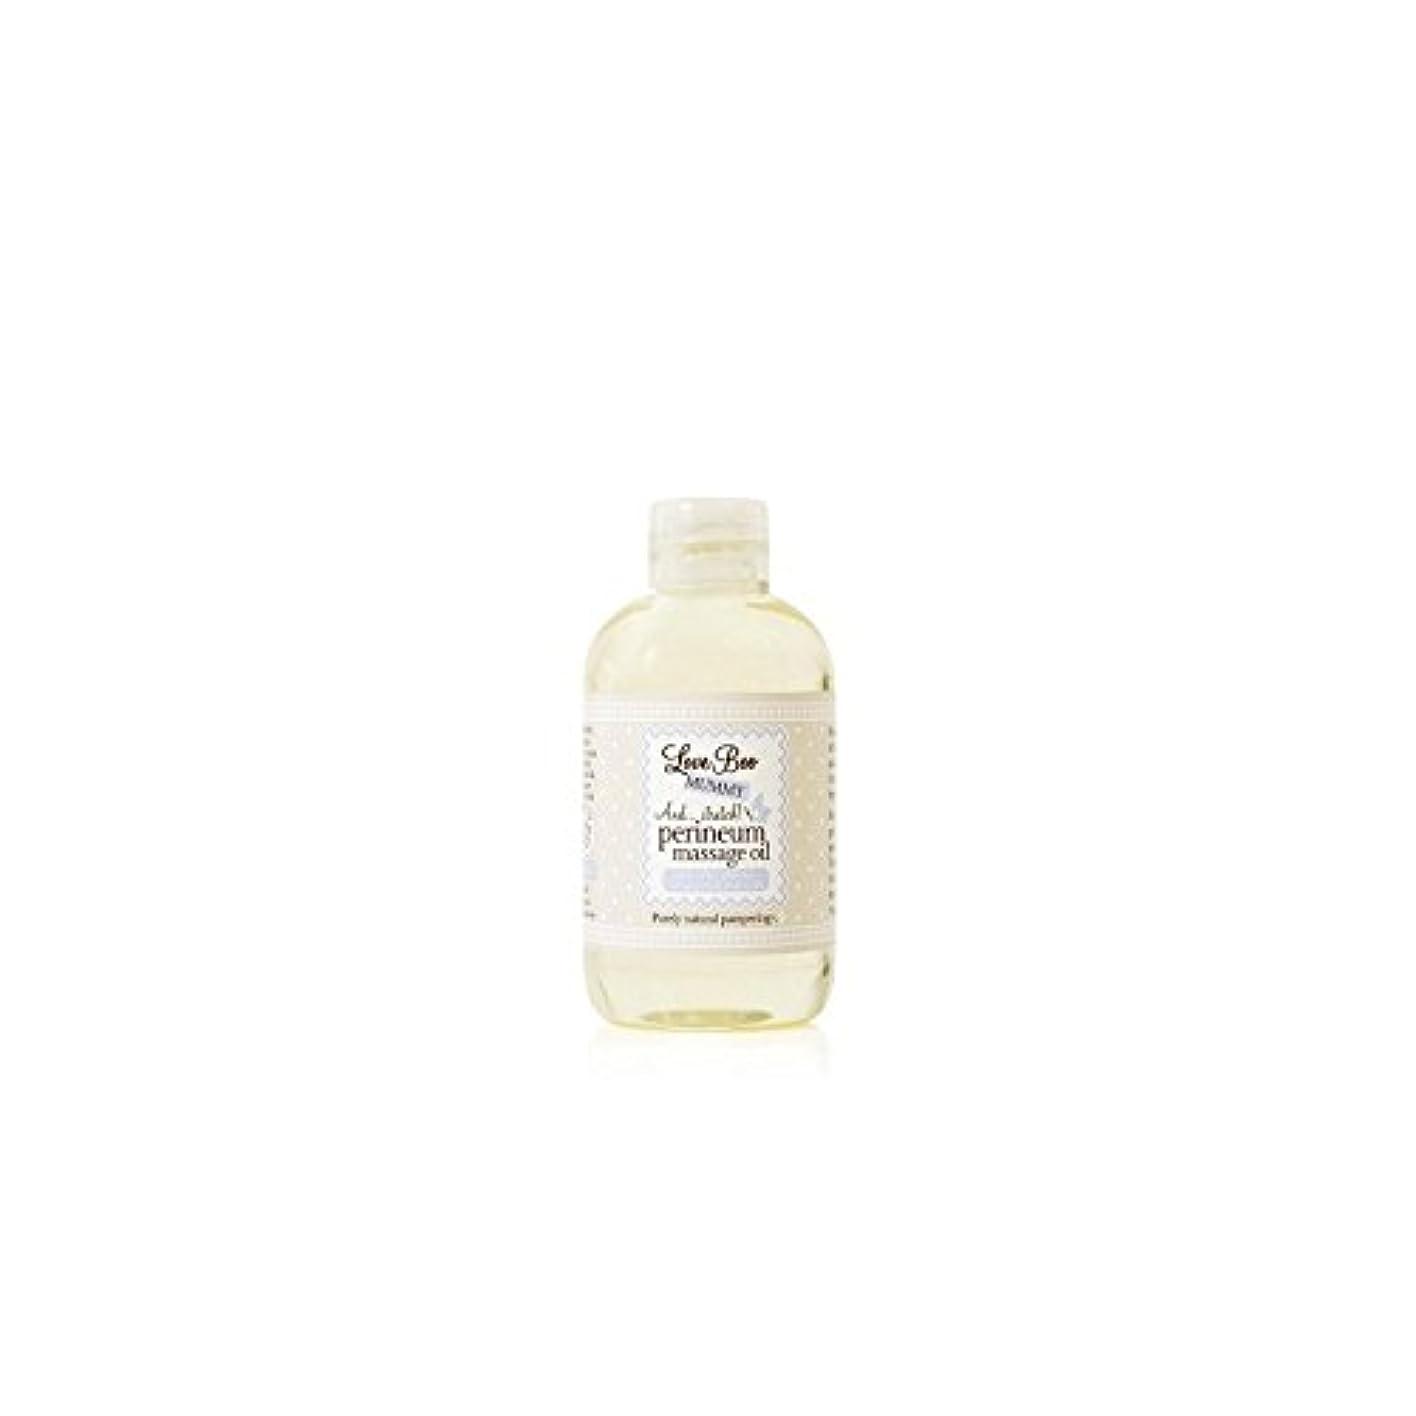 メンターウェブ破滅Love Boo Perineum Massage Oil (100ml) (Pack of 6) - 会陰マッサージオイル(100)にブーイングの愛 x6 [並行輸入品]